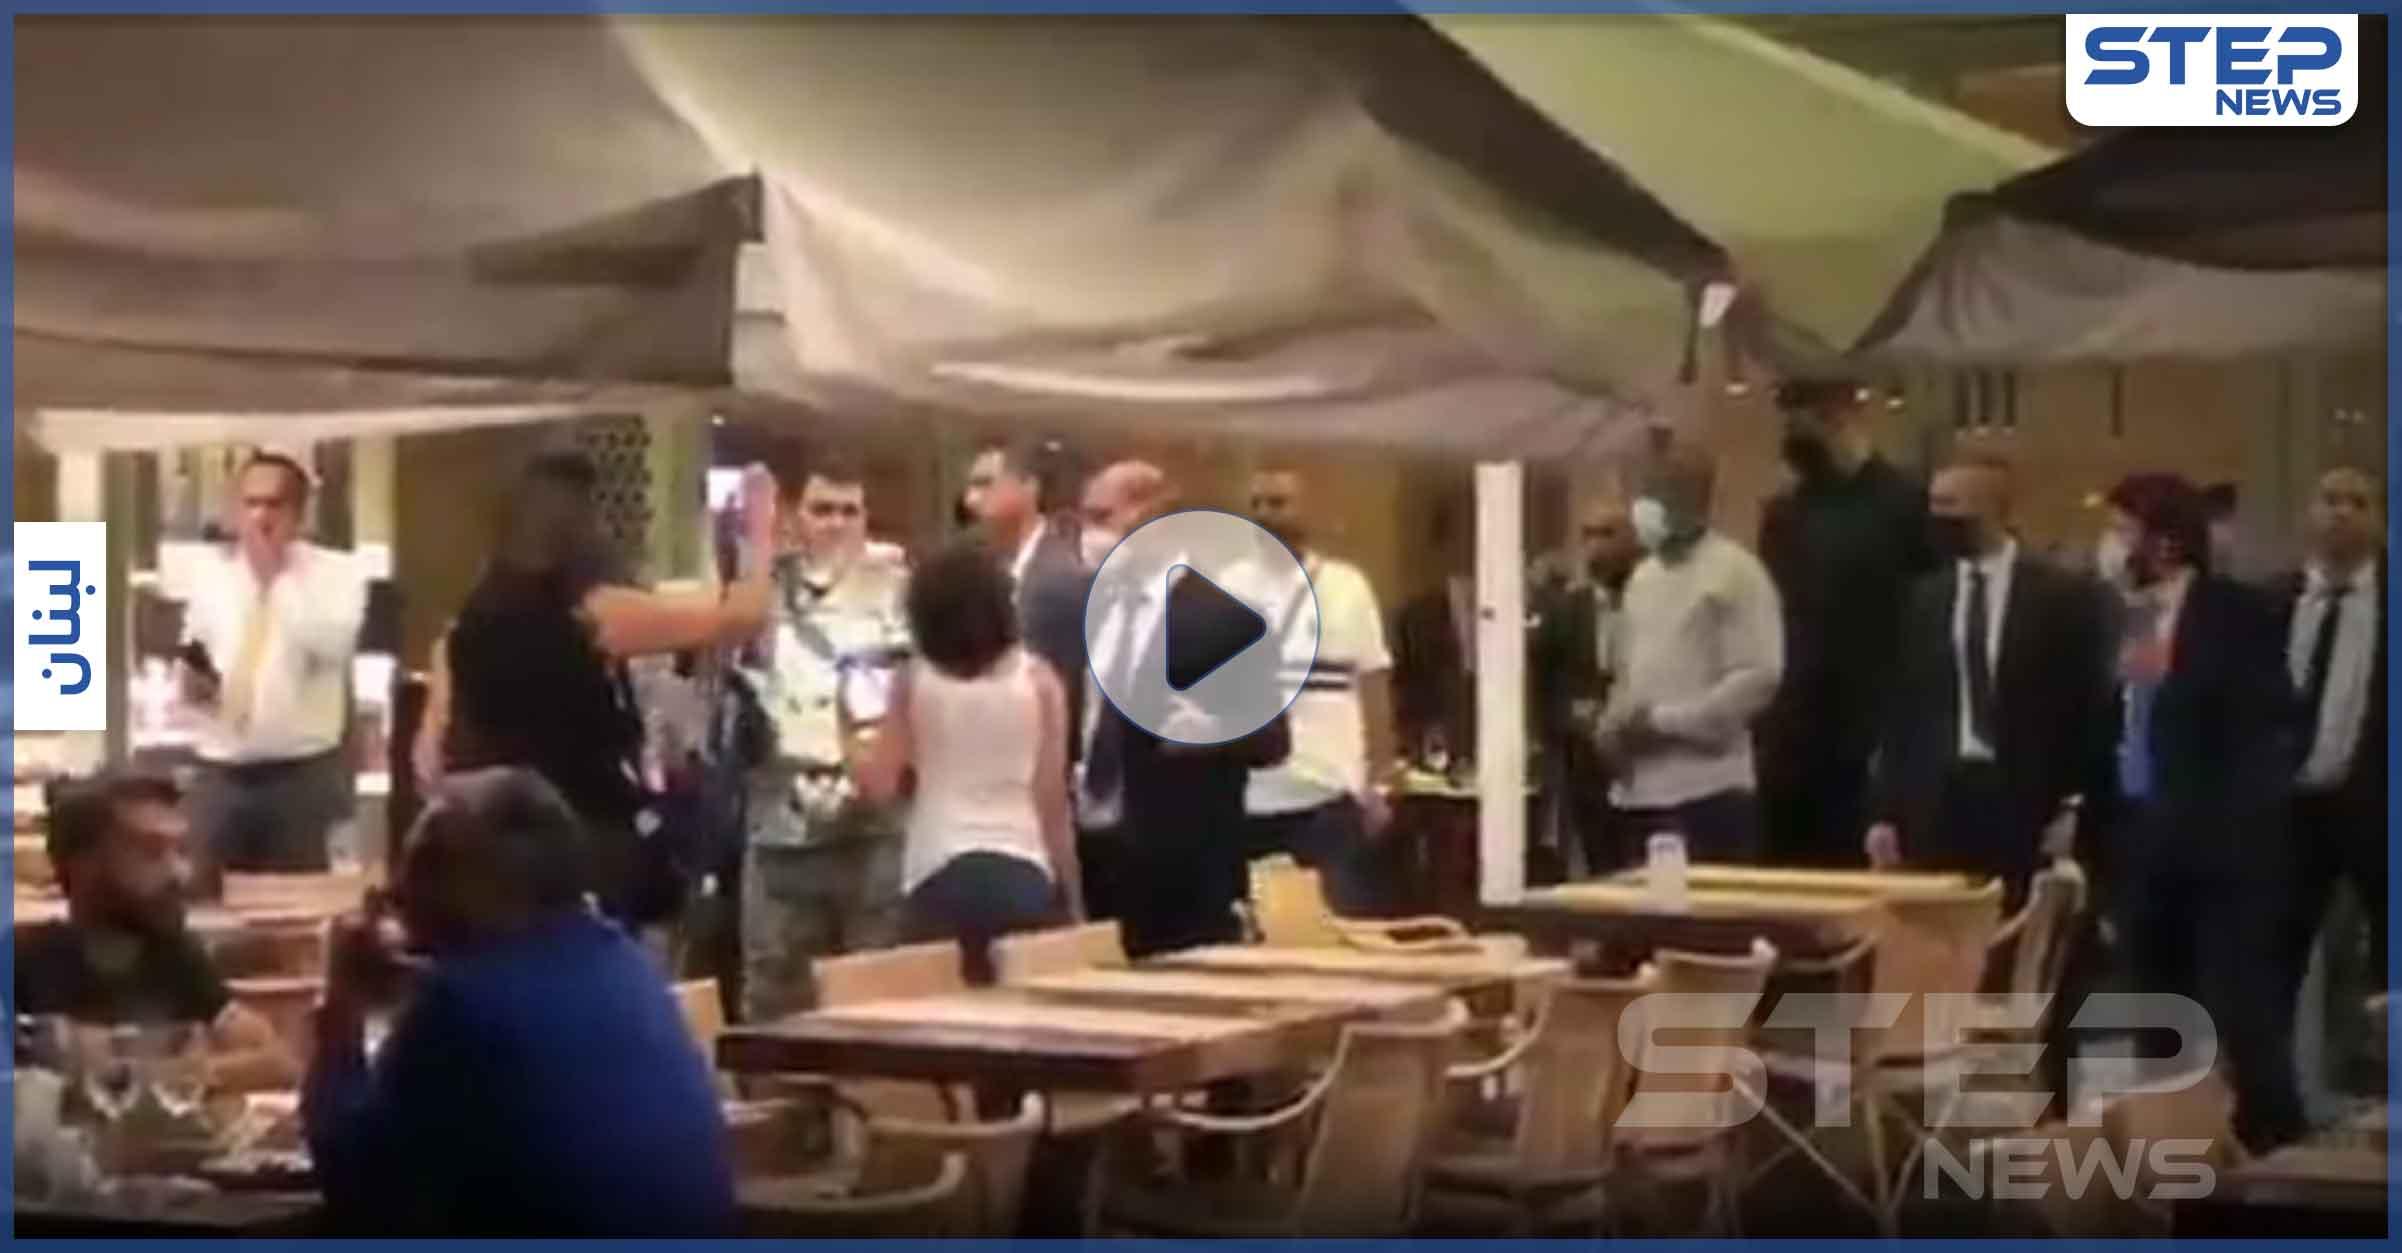 بالفيديو|| محتجون في لبنان يطردون وفداً عراقياً خلال مأدبة عشاء مع مسؤولين لبنانيين في بيروت